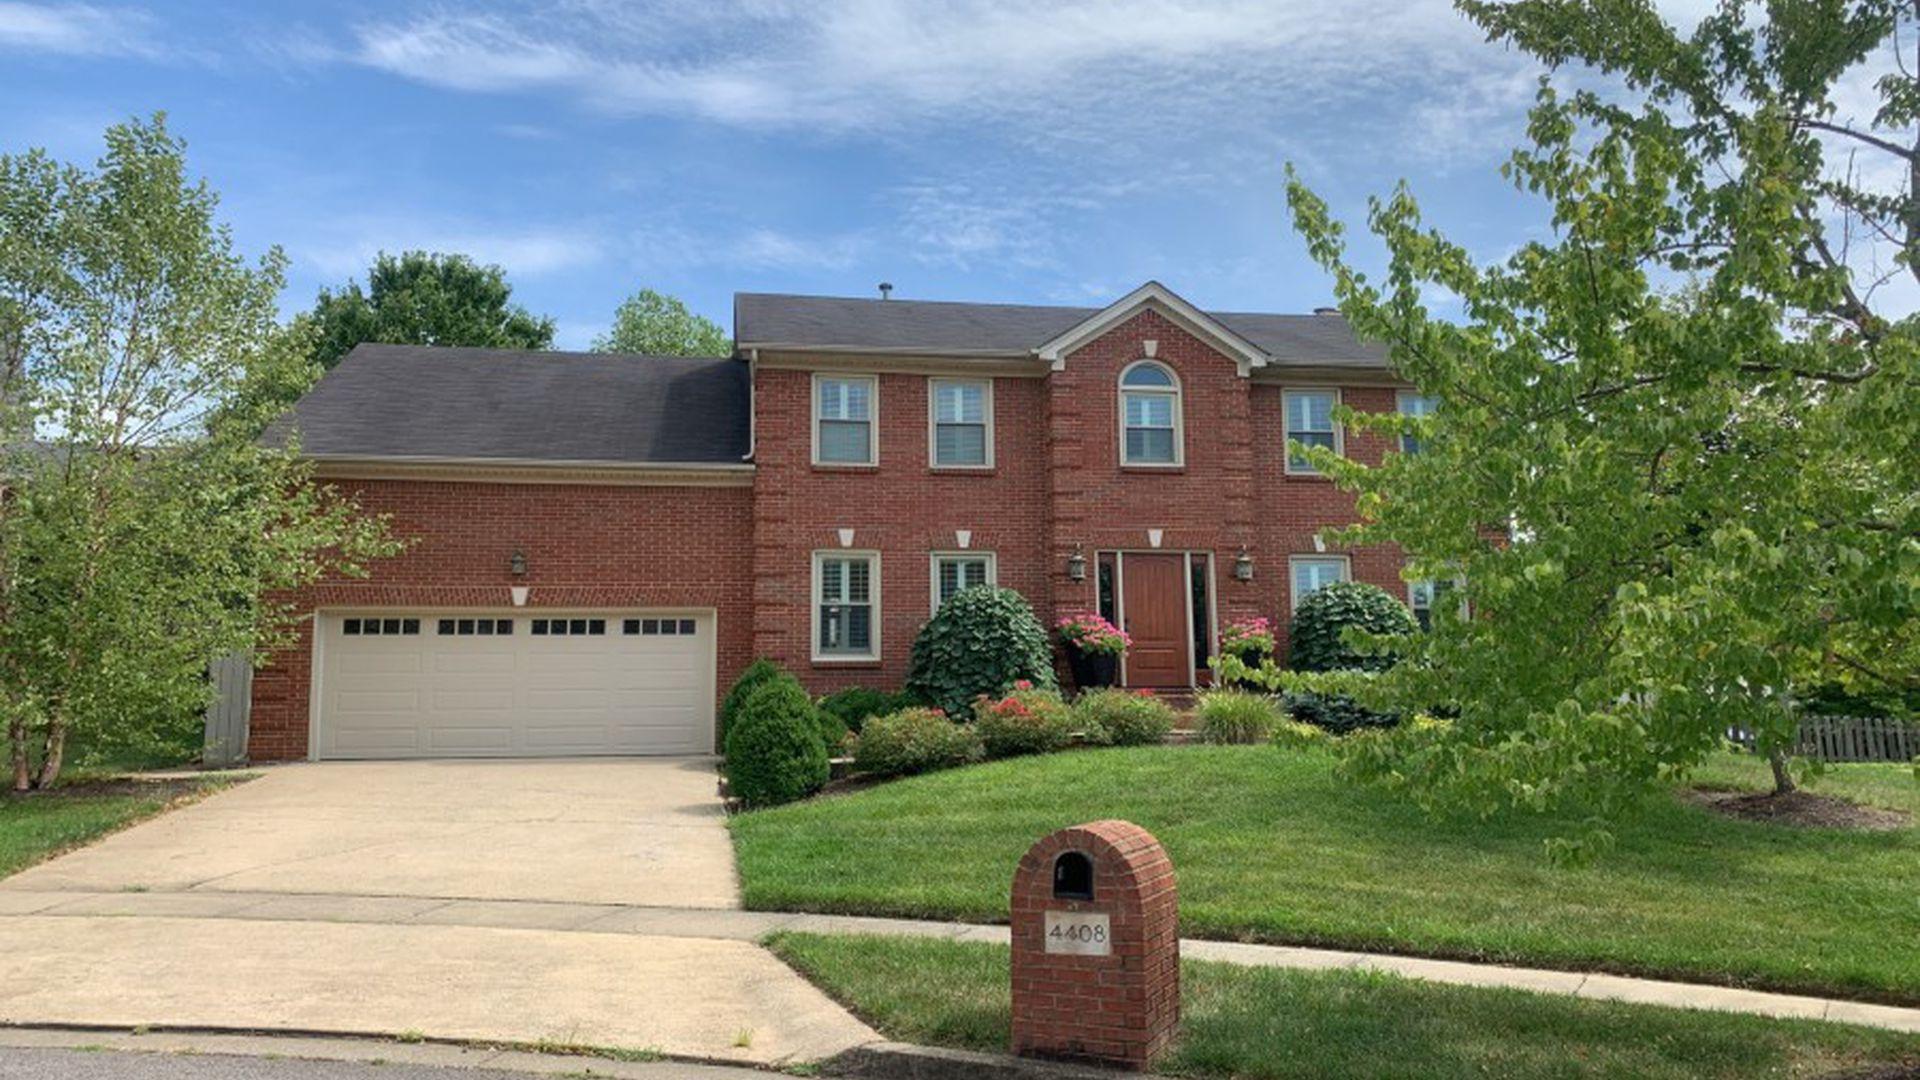 Lexington Real Estate - Lexington KY Homes For Sale | Zillow